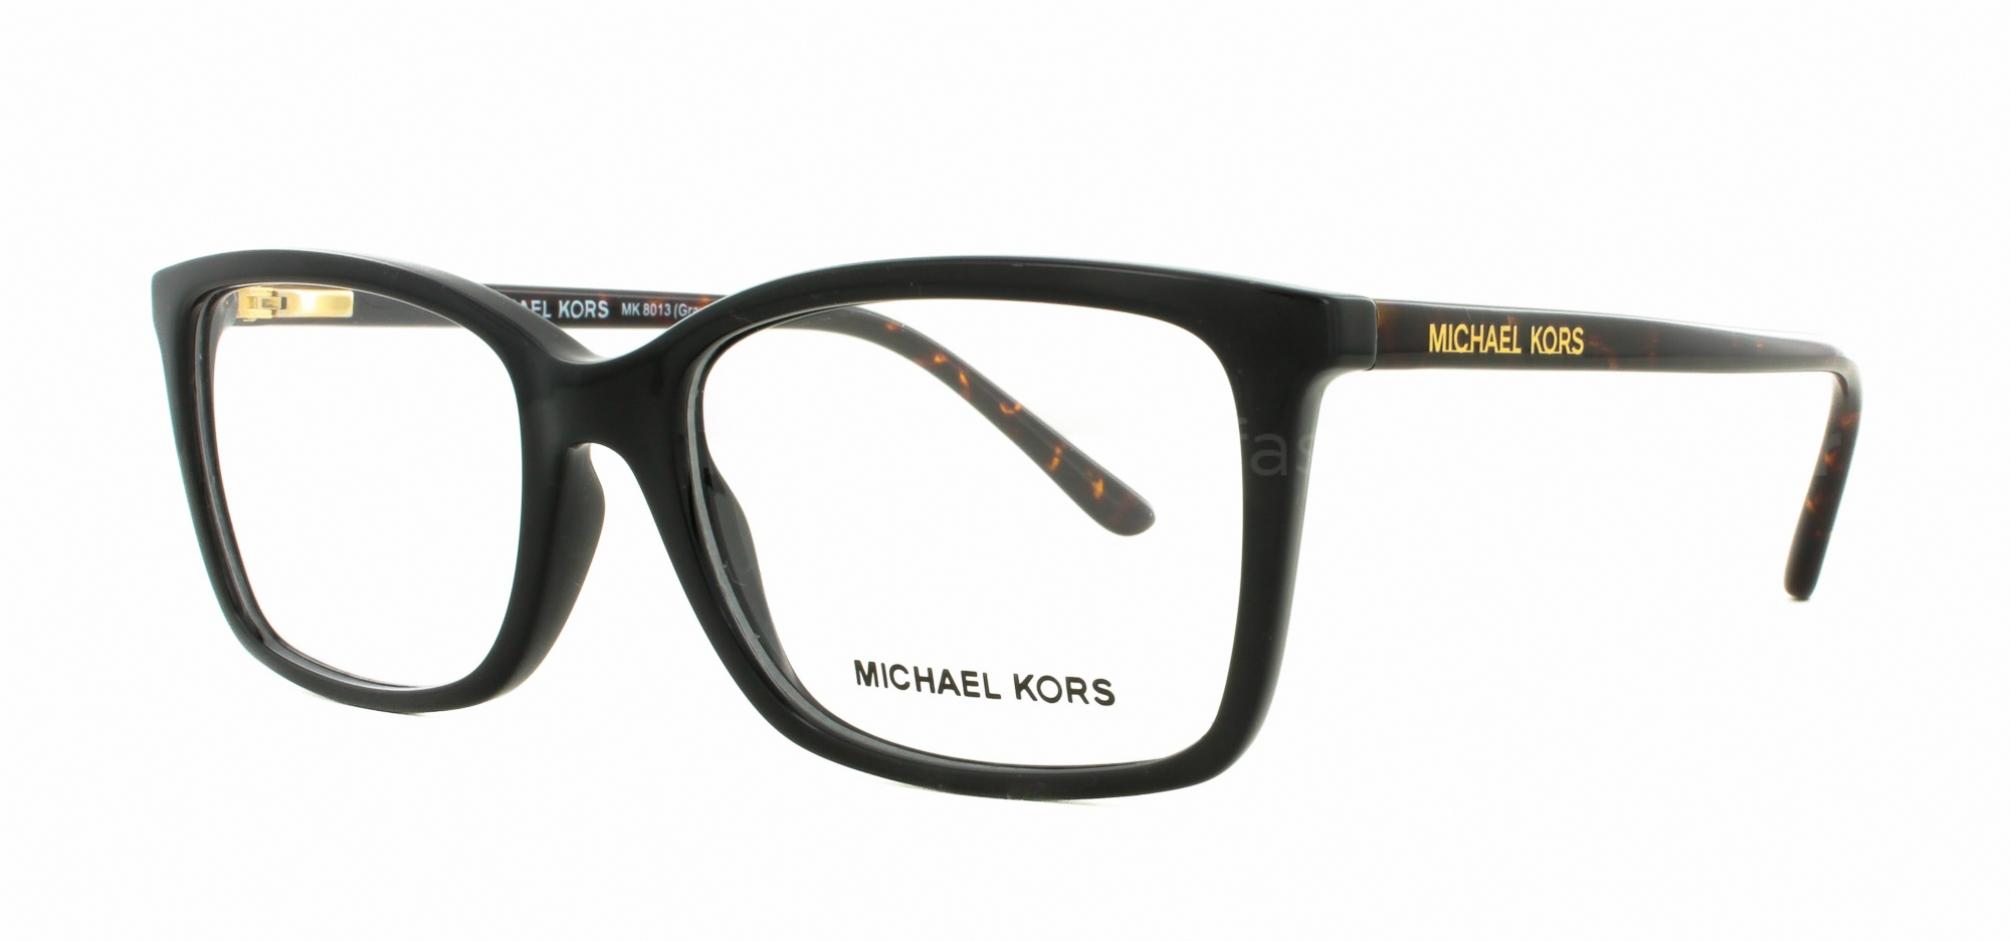 MICHAEL KORS GRAYTON 8013 in color 3056